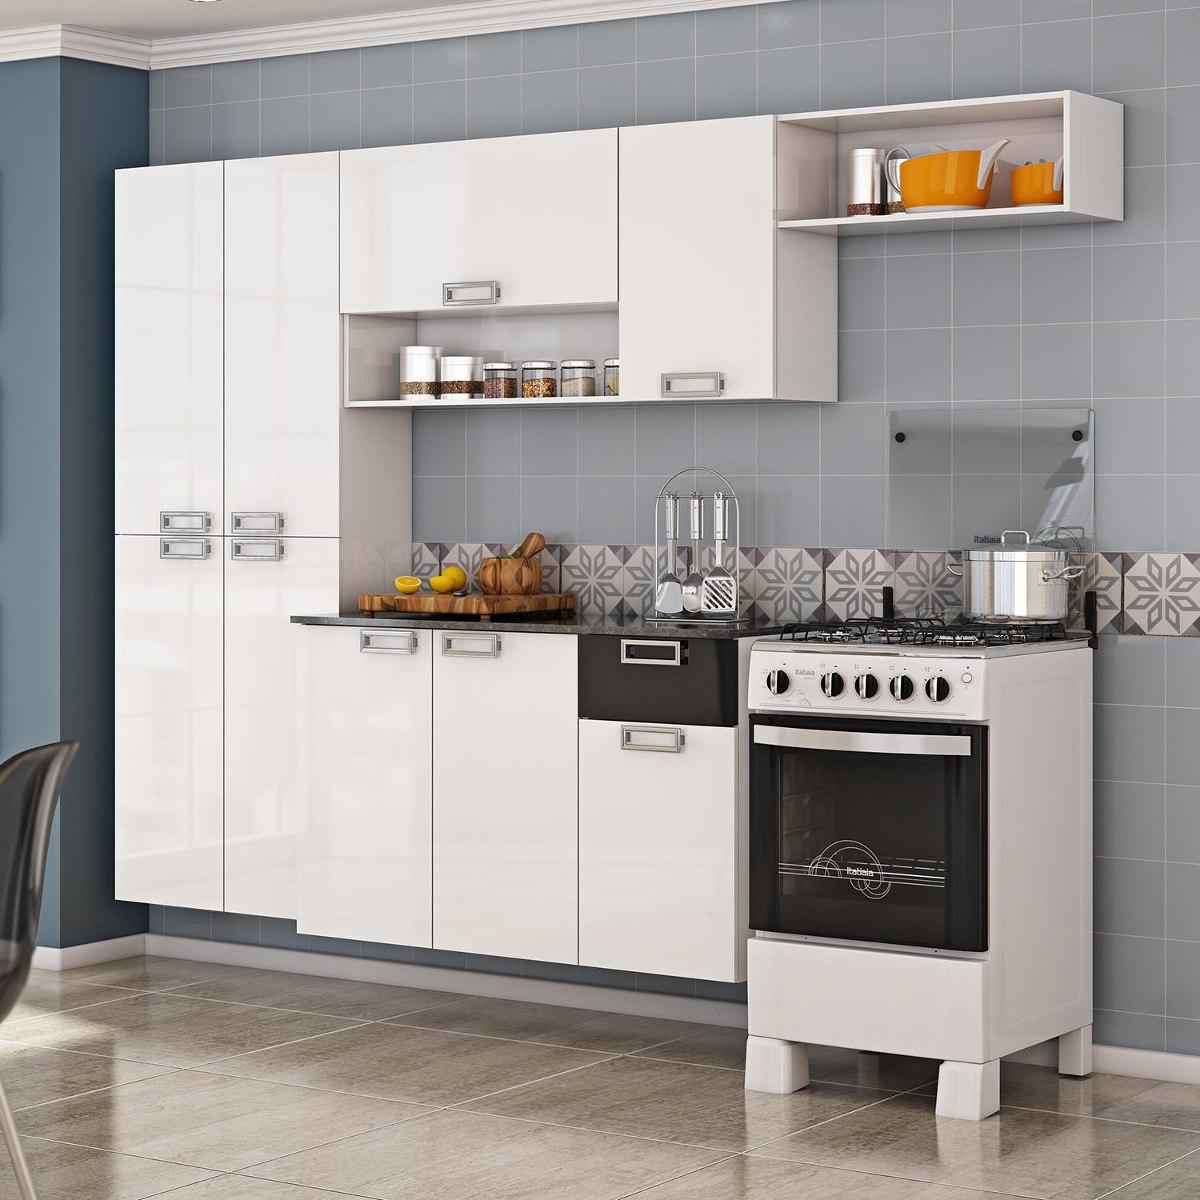 Cozinha Compacta Com Balc O Amora Itatiaia Hjwt R 403 10 Em